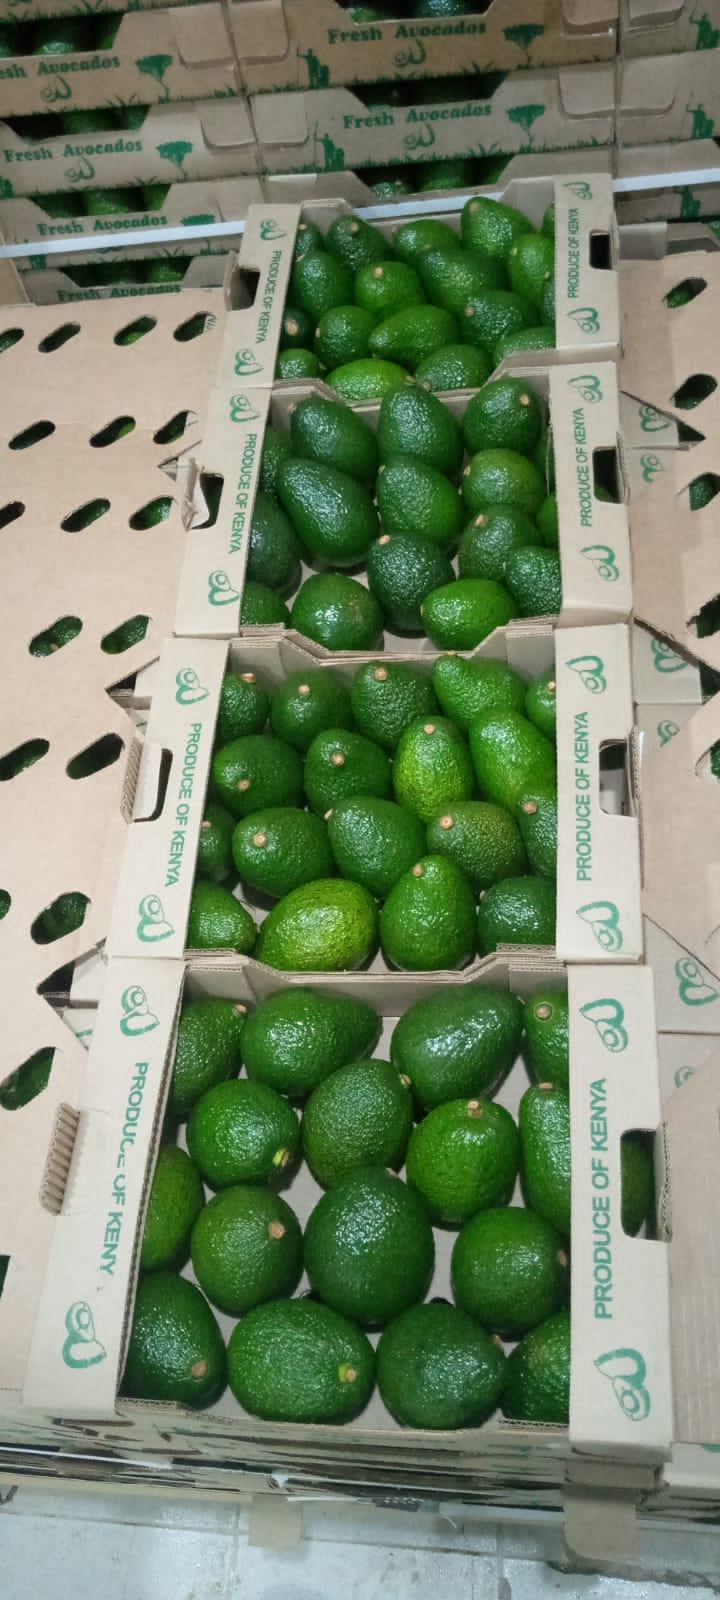 Fresh and Quality Avocados